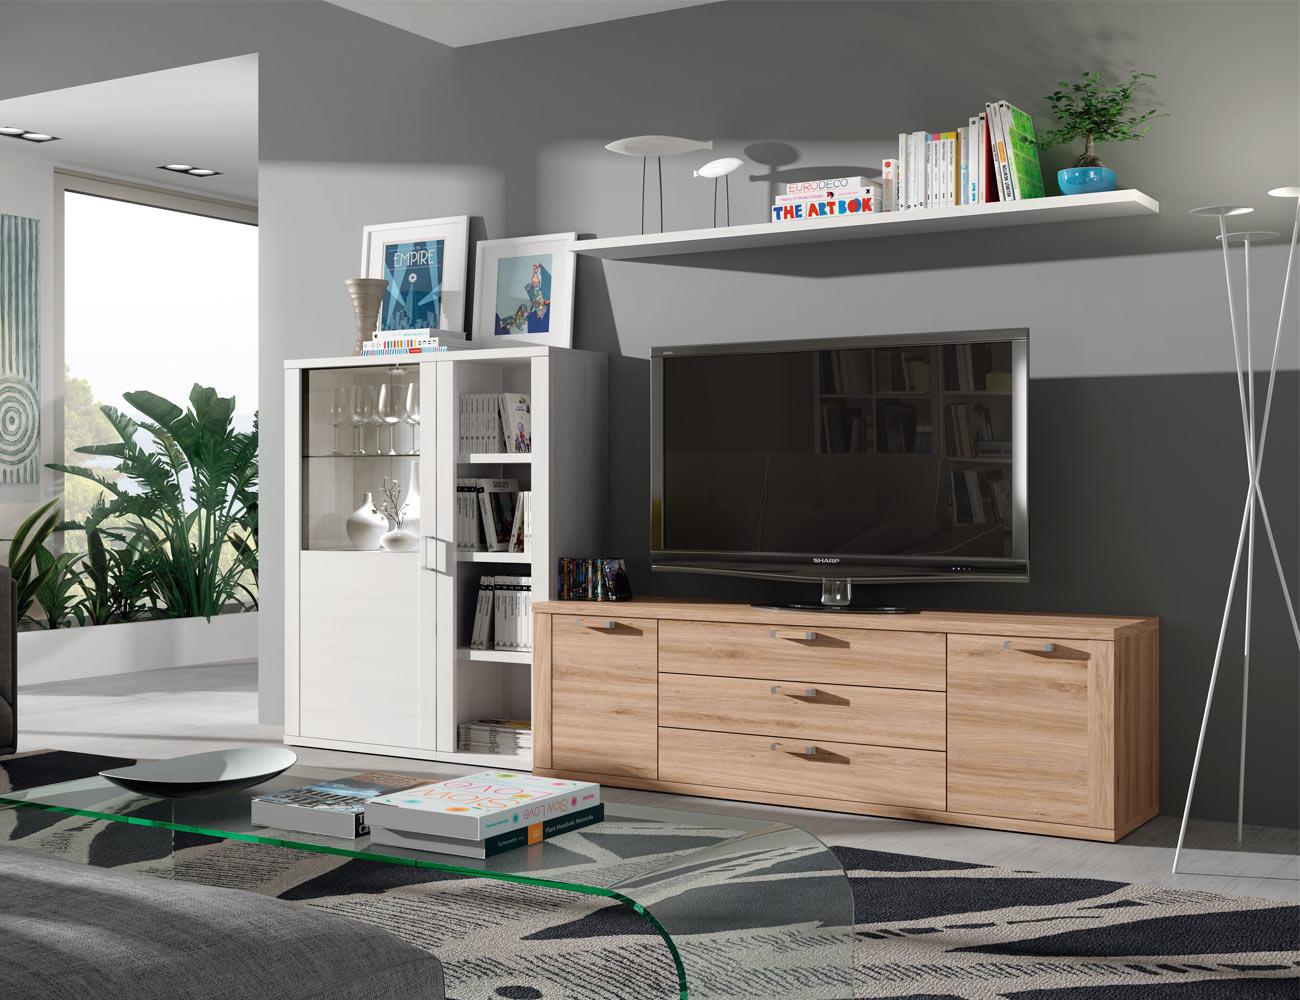 415 mueble salon comedor estanteria vitrina cristal bodeguero polar roble natural